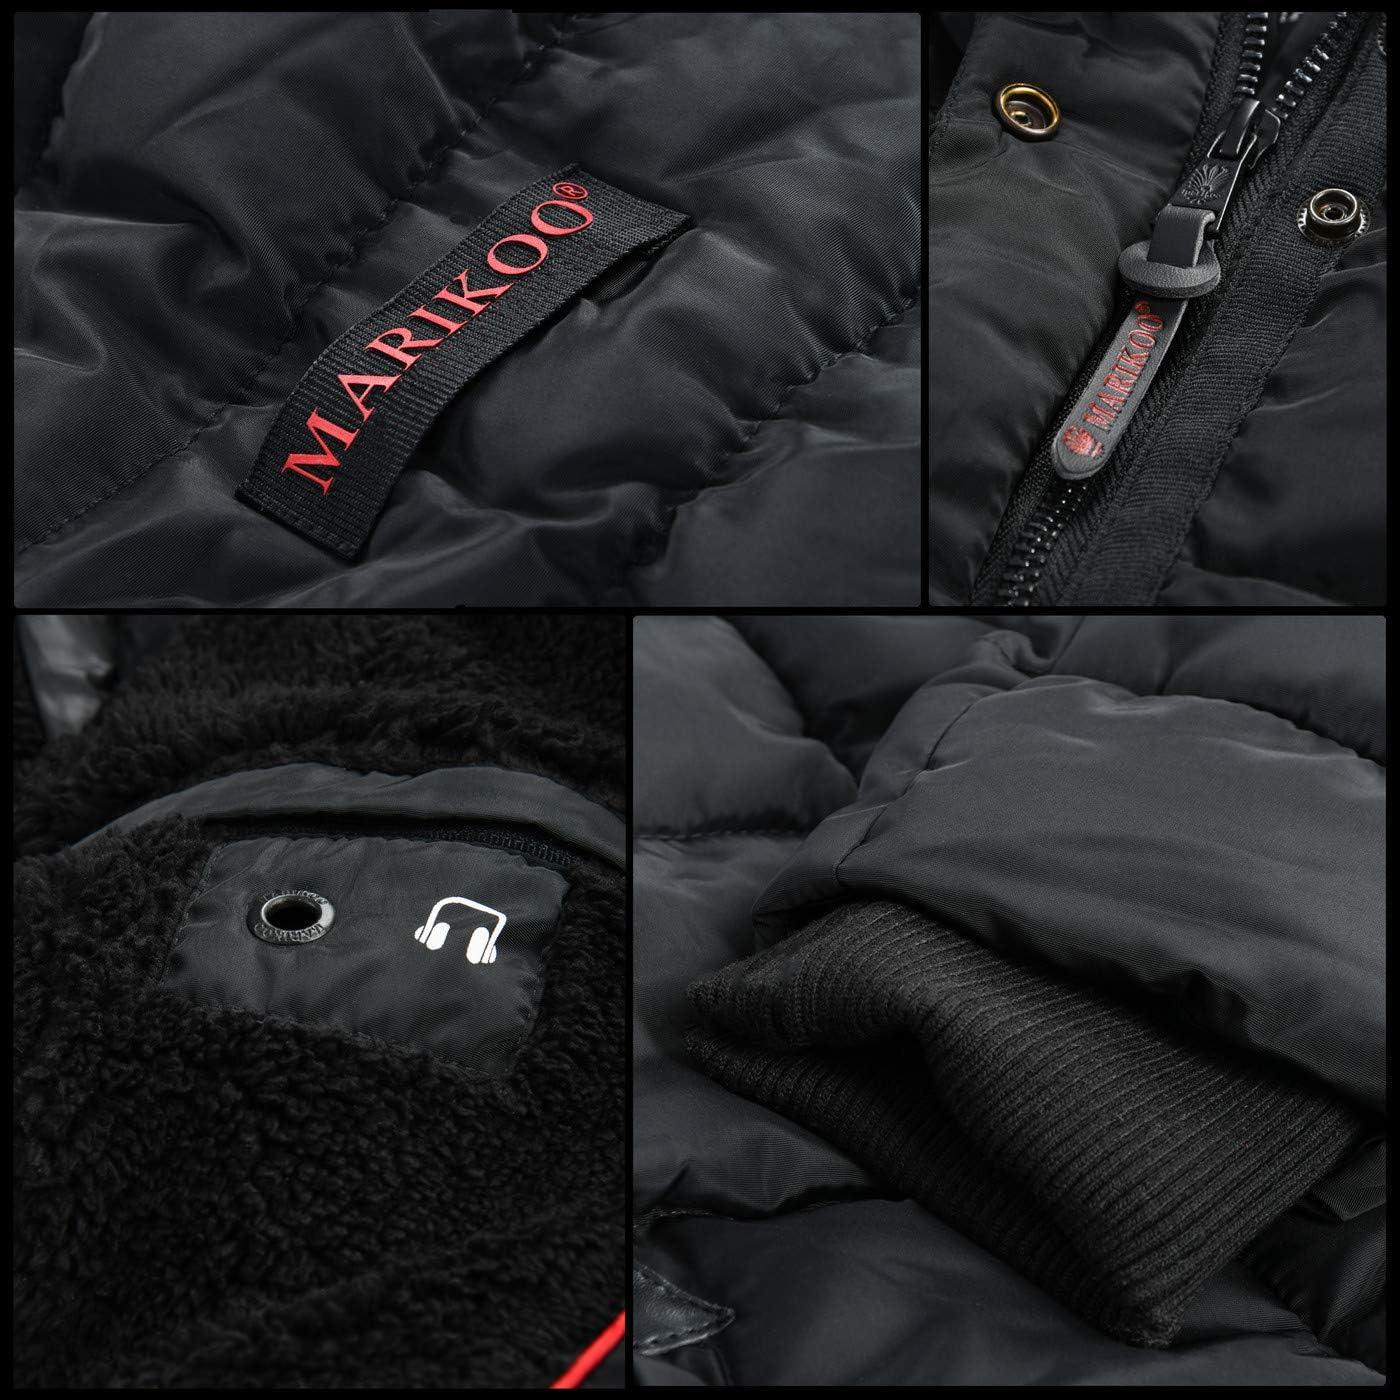 Marikoo warme Damen Winter Jacke Winterjacke Steppjacke gefüttert Kunstfell B618 Gelb